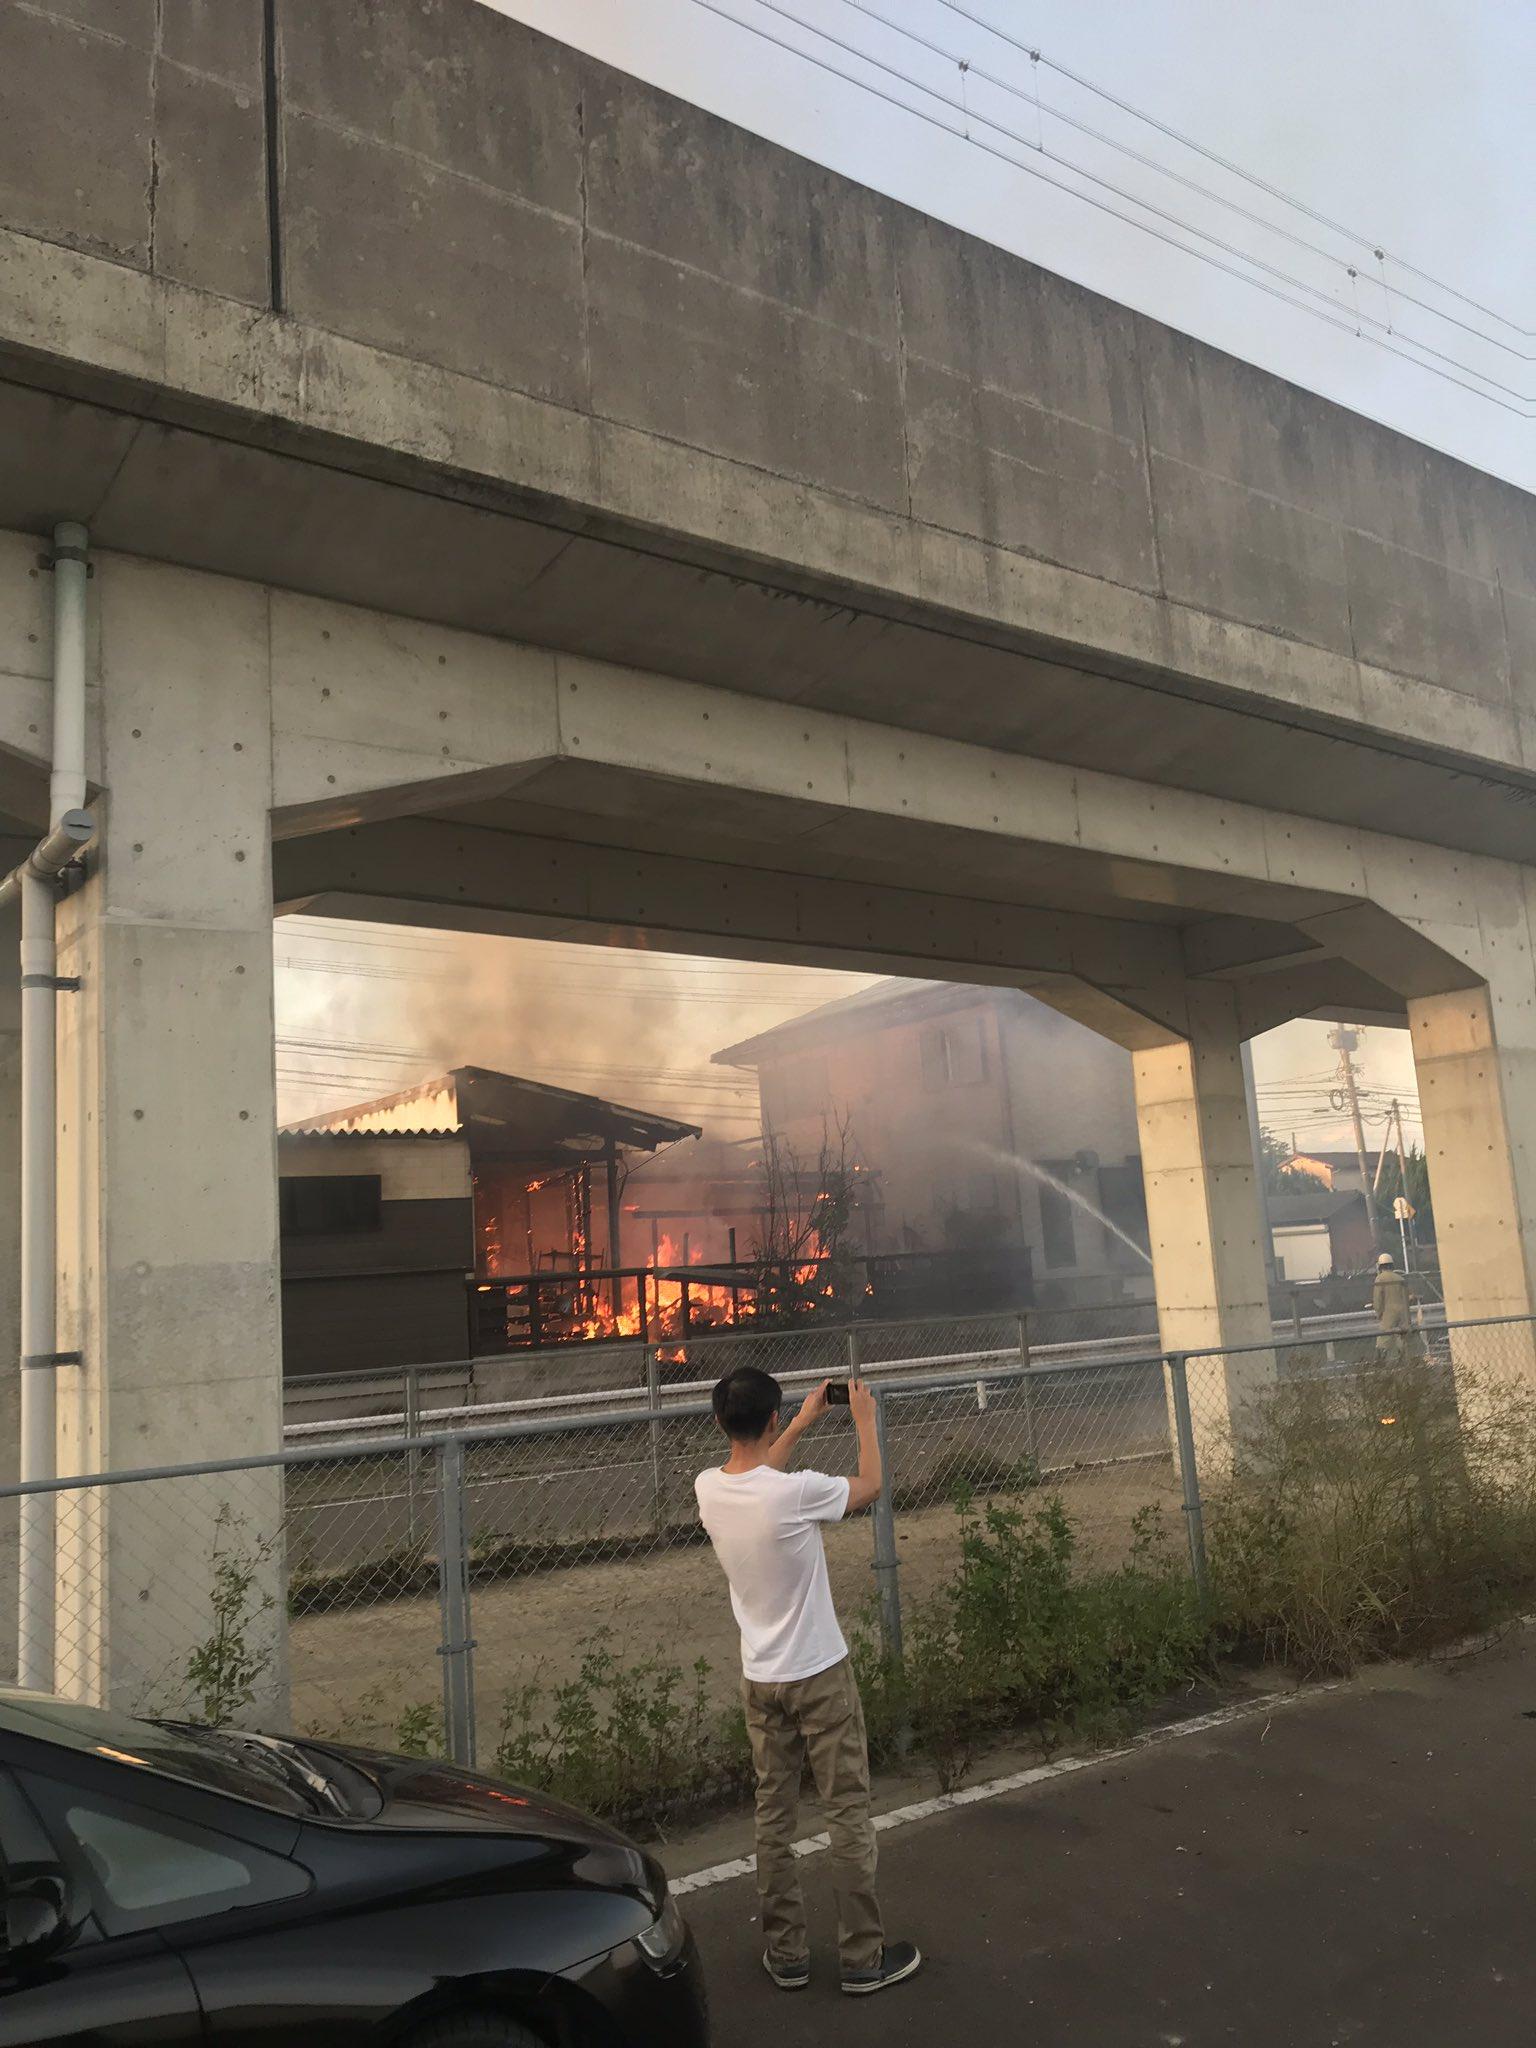 武雄市朝日町の建物で火事が起きた現場の画像